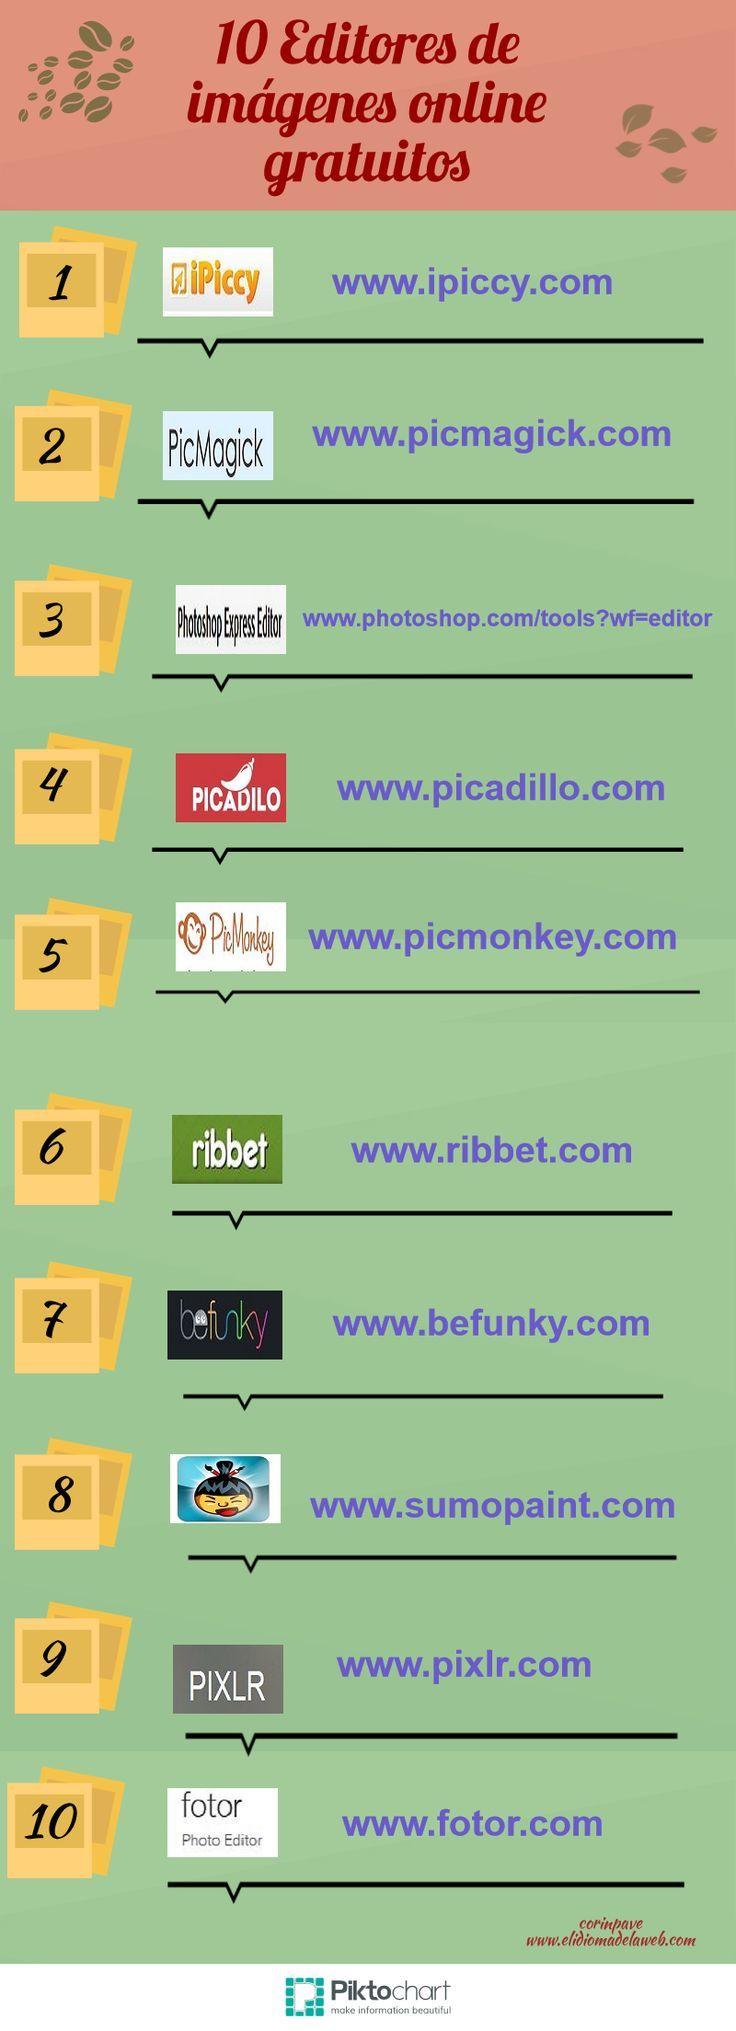 10EditoresImágenesGratuitosEnLínea-Infografía-BlogGesvin